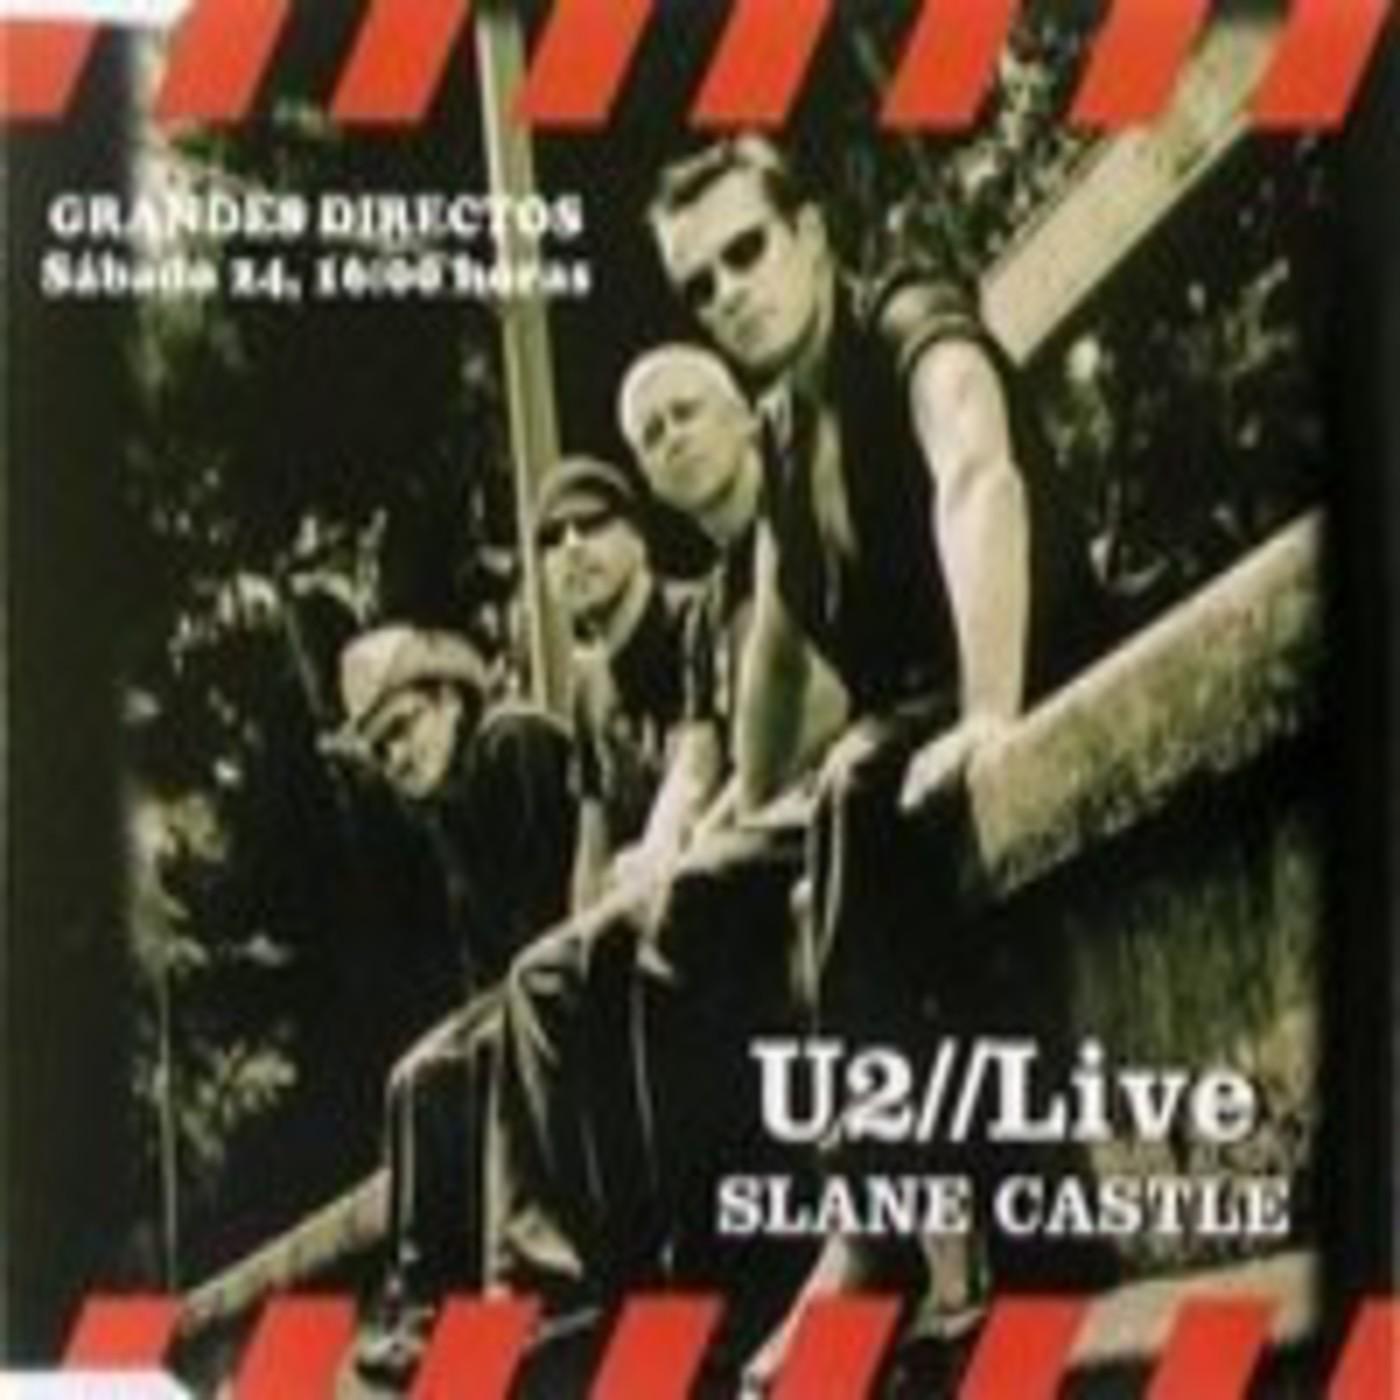 U2 Live from Slane Castle - (Emision 24/03/2012)